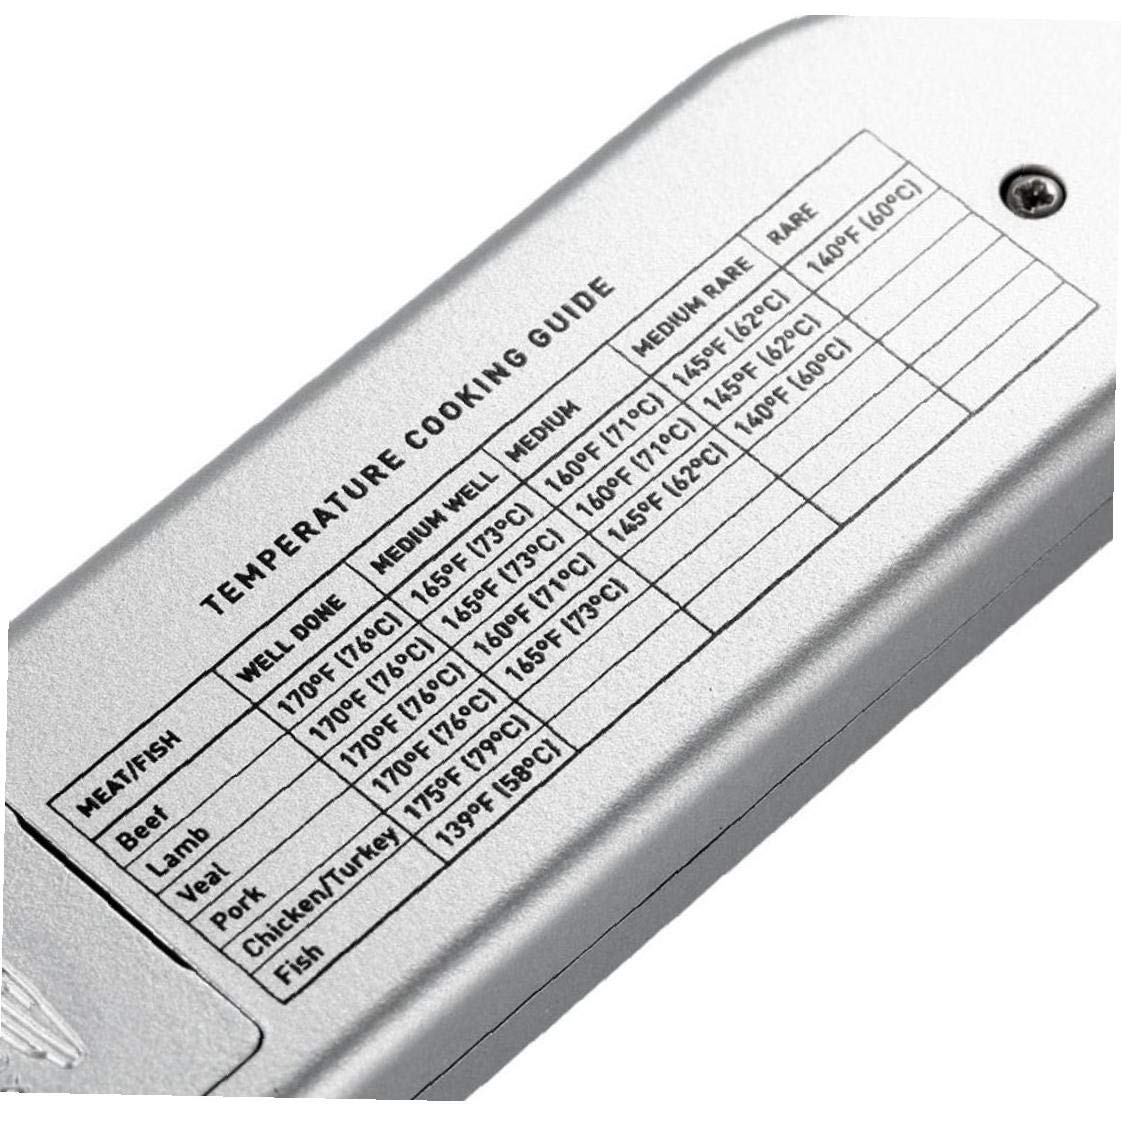 TS-BN61 Digital-Instant-Lesen-Fleisch-Thermometer Mit Folding Probe Hintergrundbeleuchtung Funktion Temperatur Leitfaden F/ür Die K/üche Essen S/ü/ßigkeiten Barbecue Grill Kochen Silber